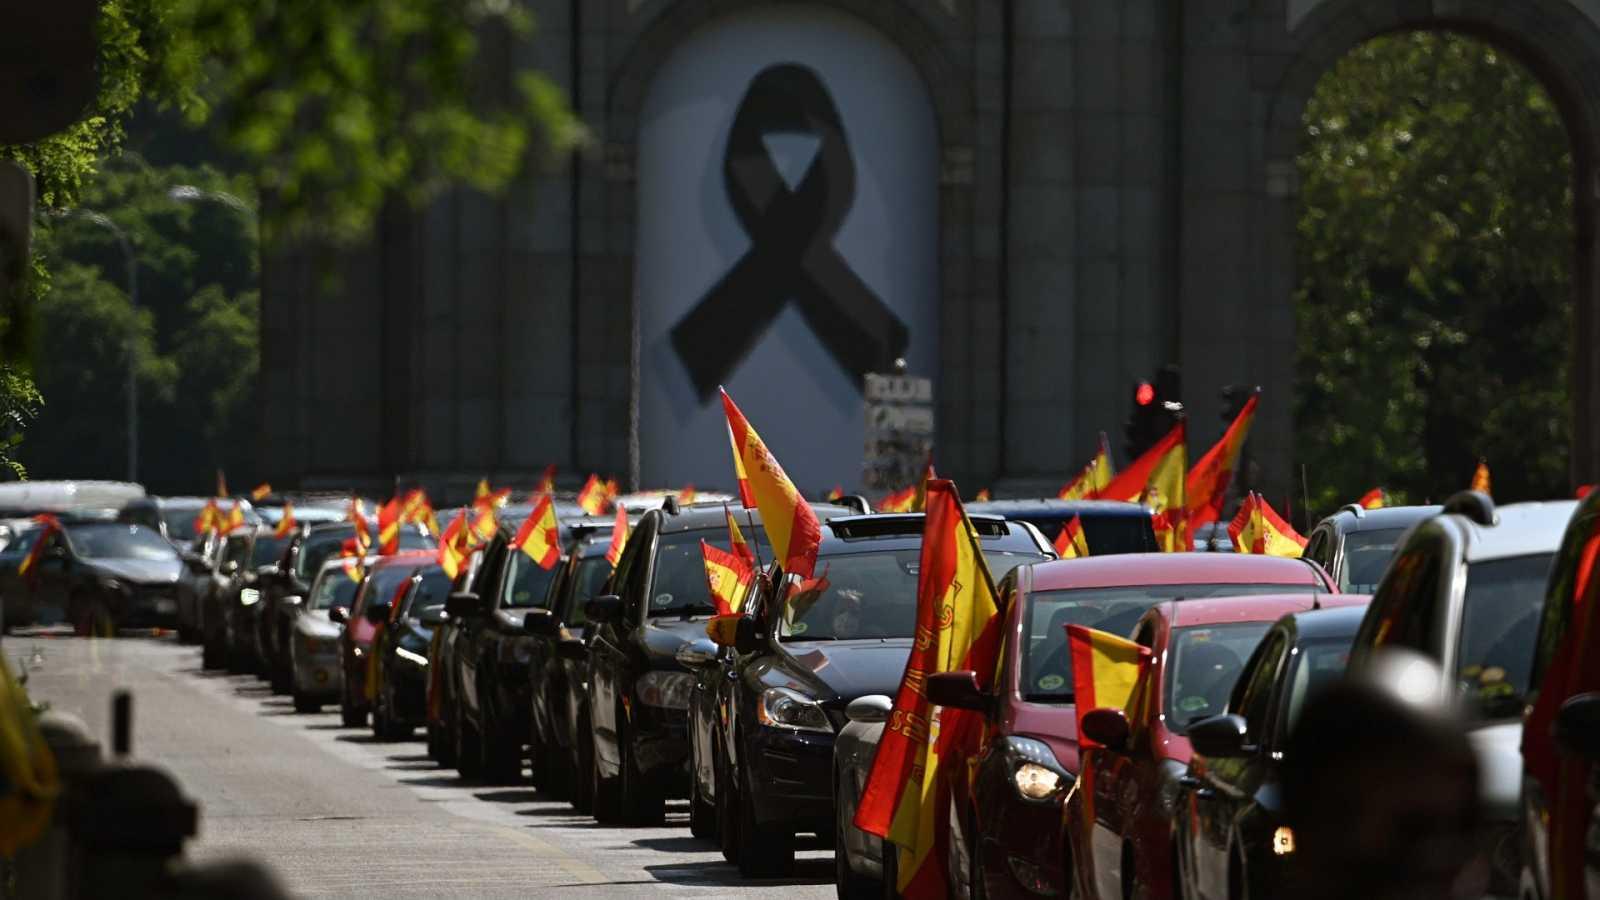 Vox colapsa Madrid y otras ciudades con una caravana de vehículos que pide la dimisión del Gobierno